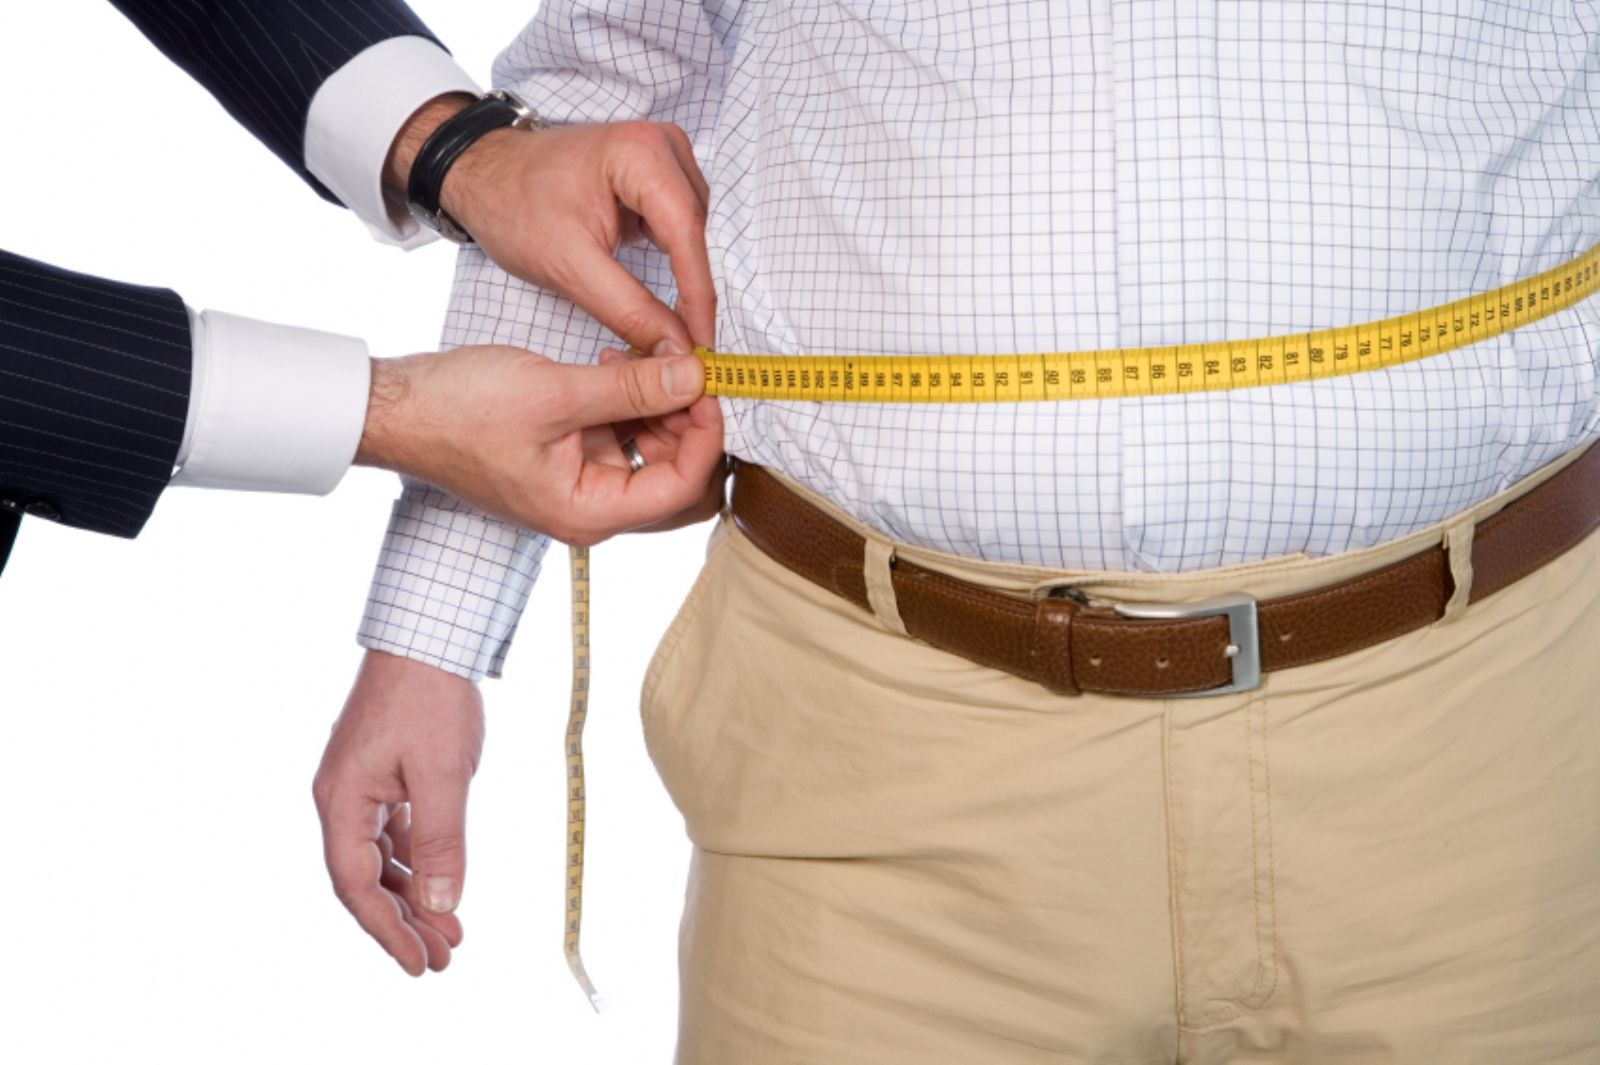 چرا چاقی منجر به بروز بیماری ها میشود؟